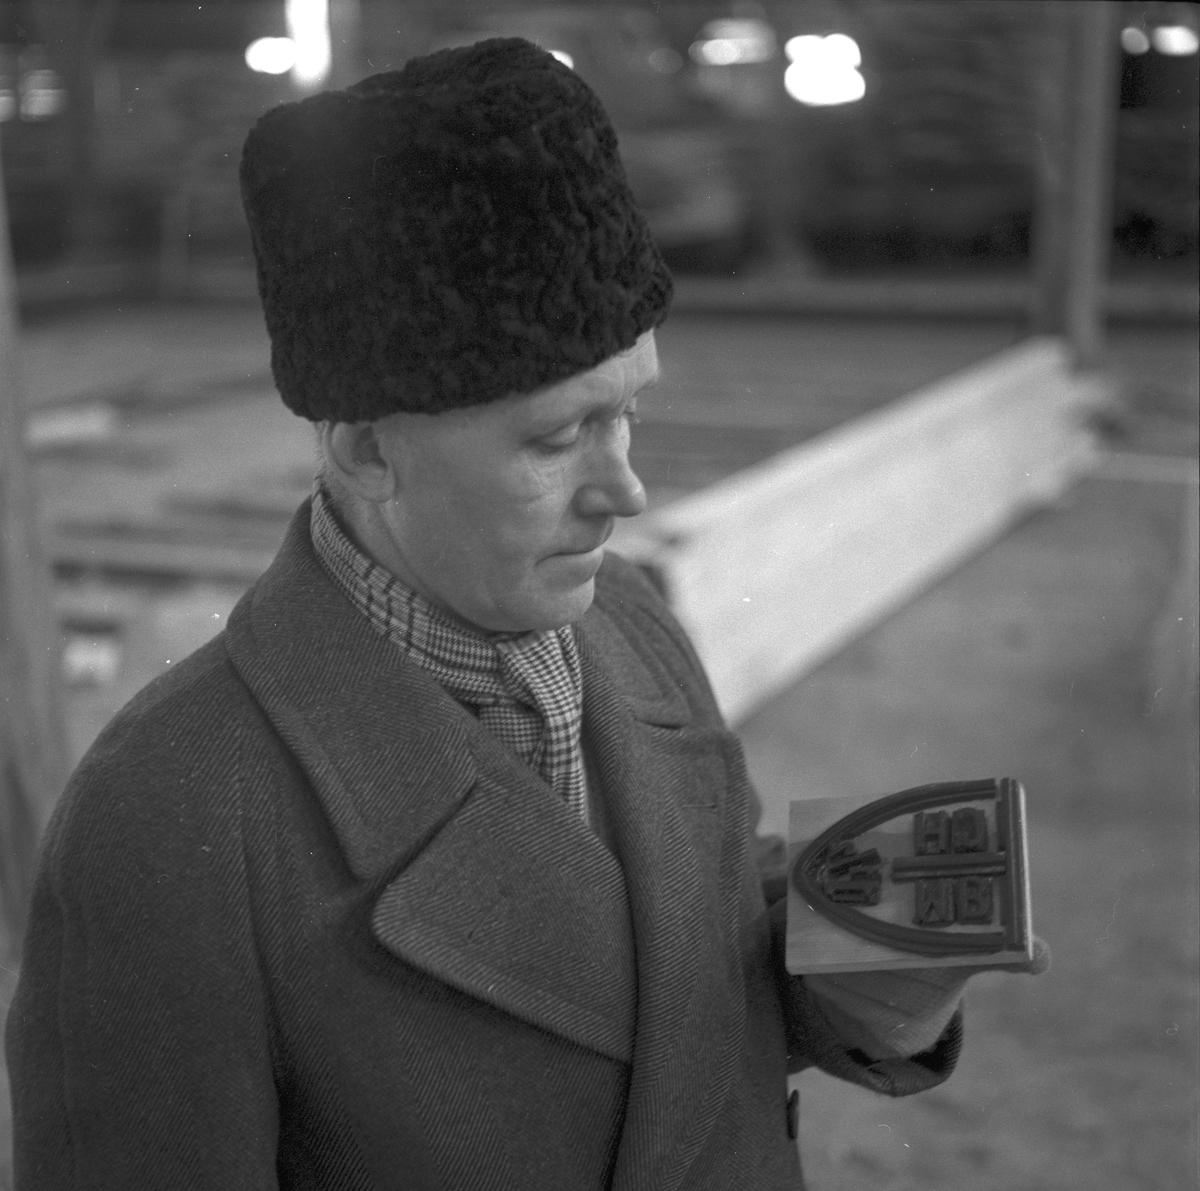 Korsnäsverken kurs för sorterare i Karskär. Den 15 mars 1949.